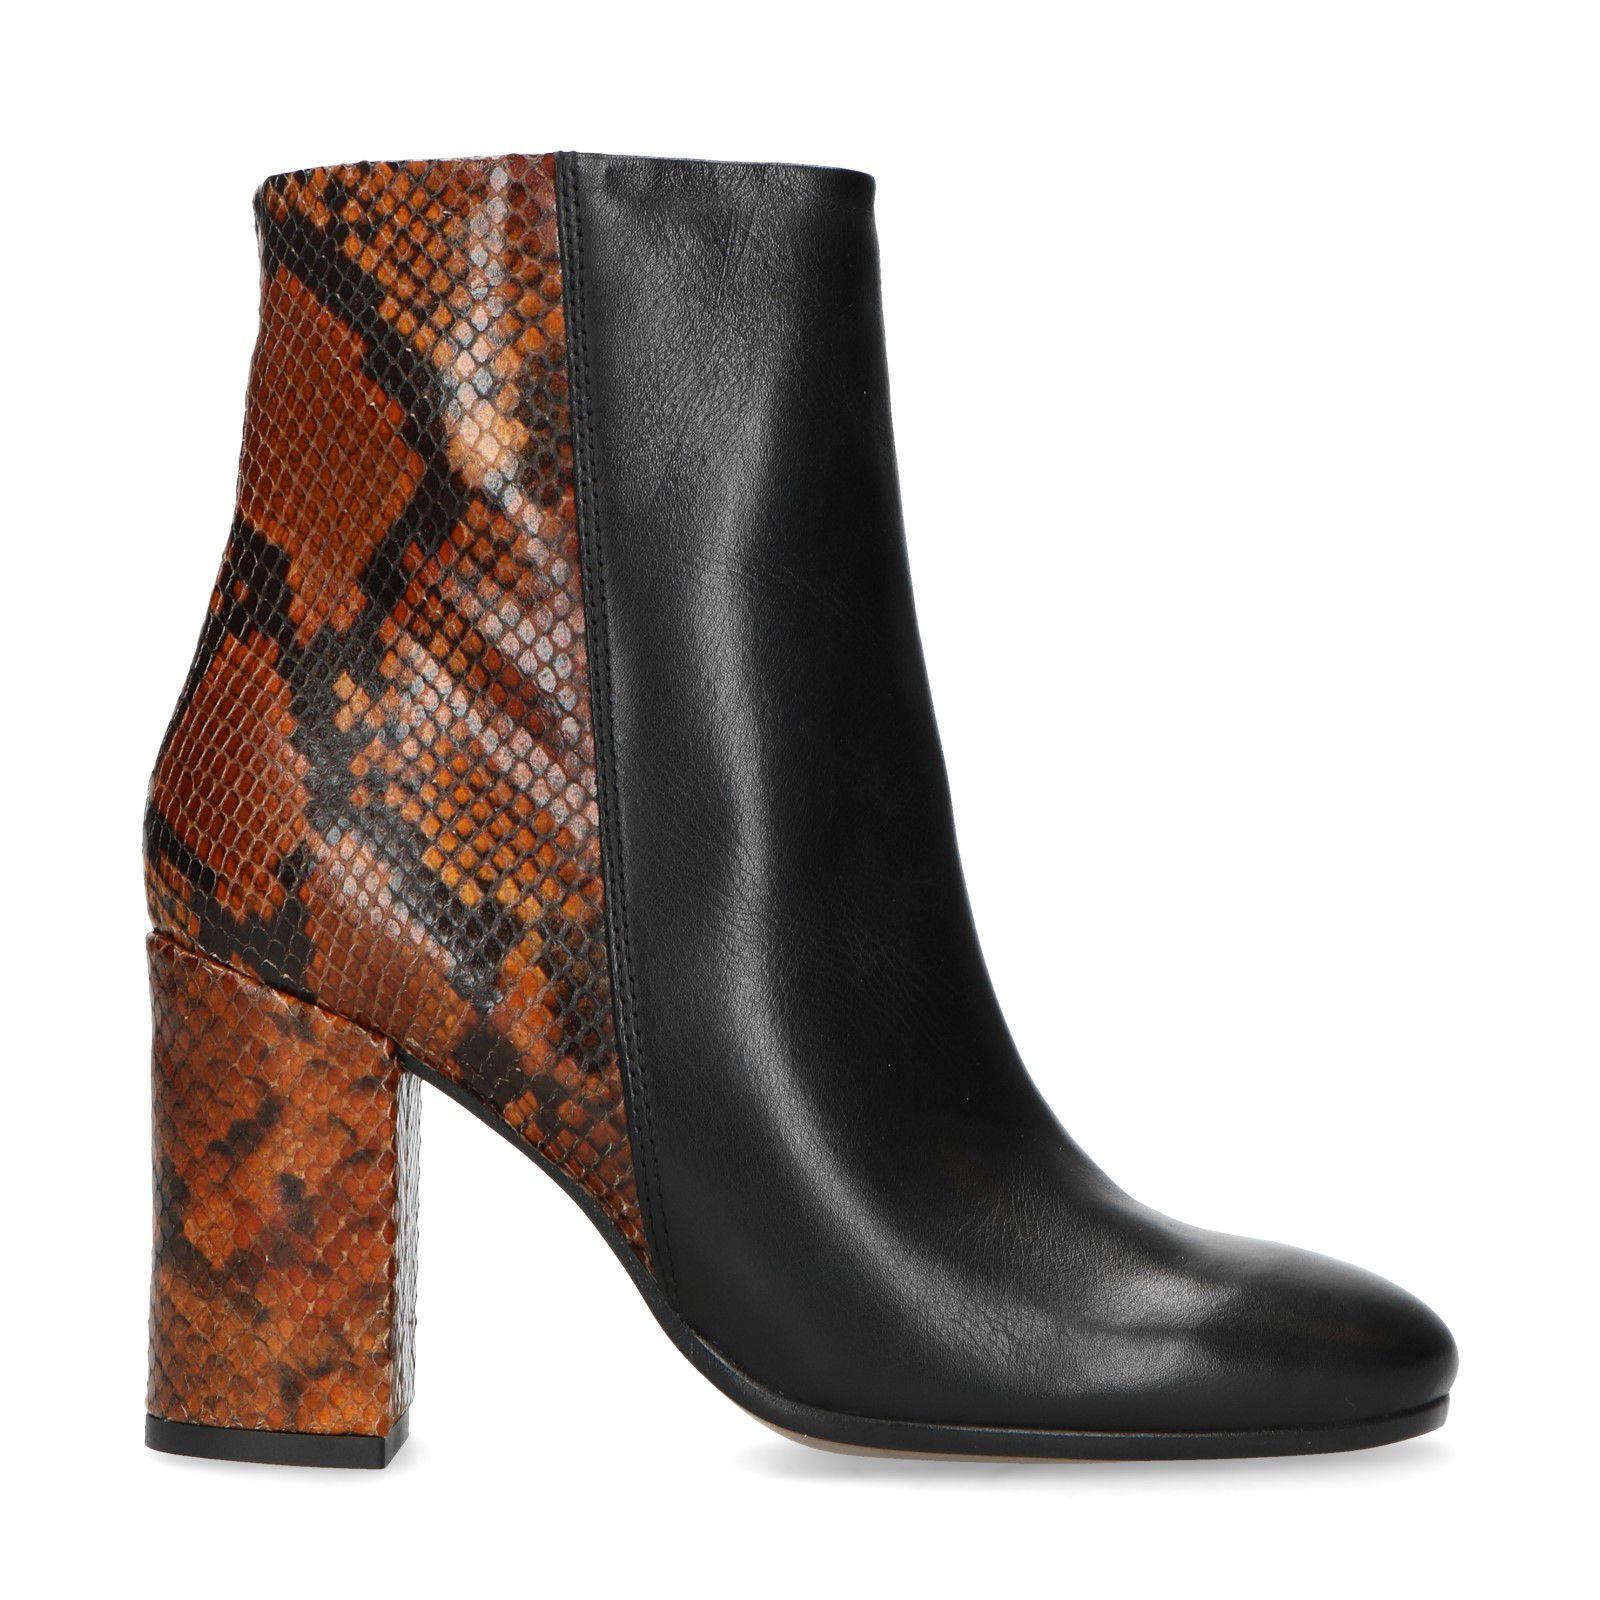 100% meilleure qualité couleurs délicates boots noir cuir